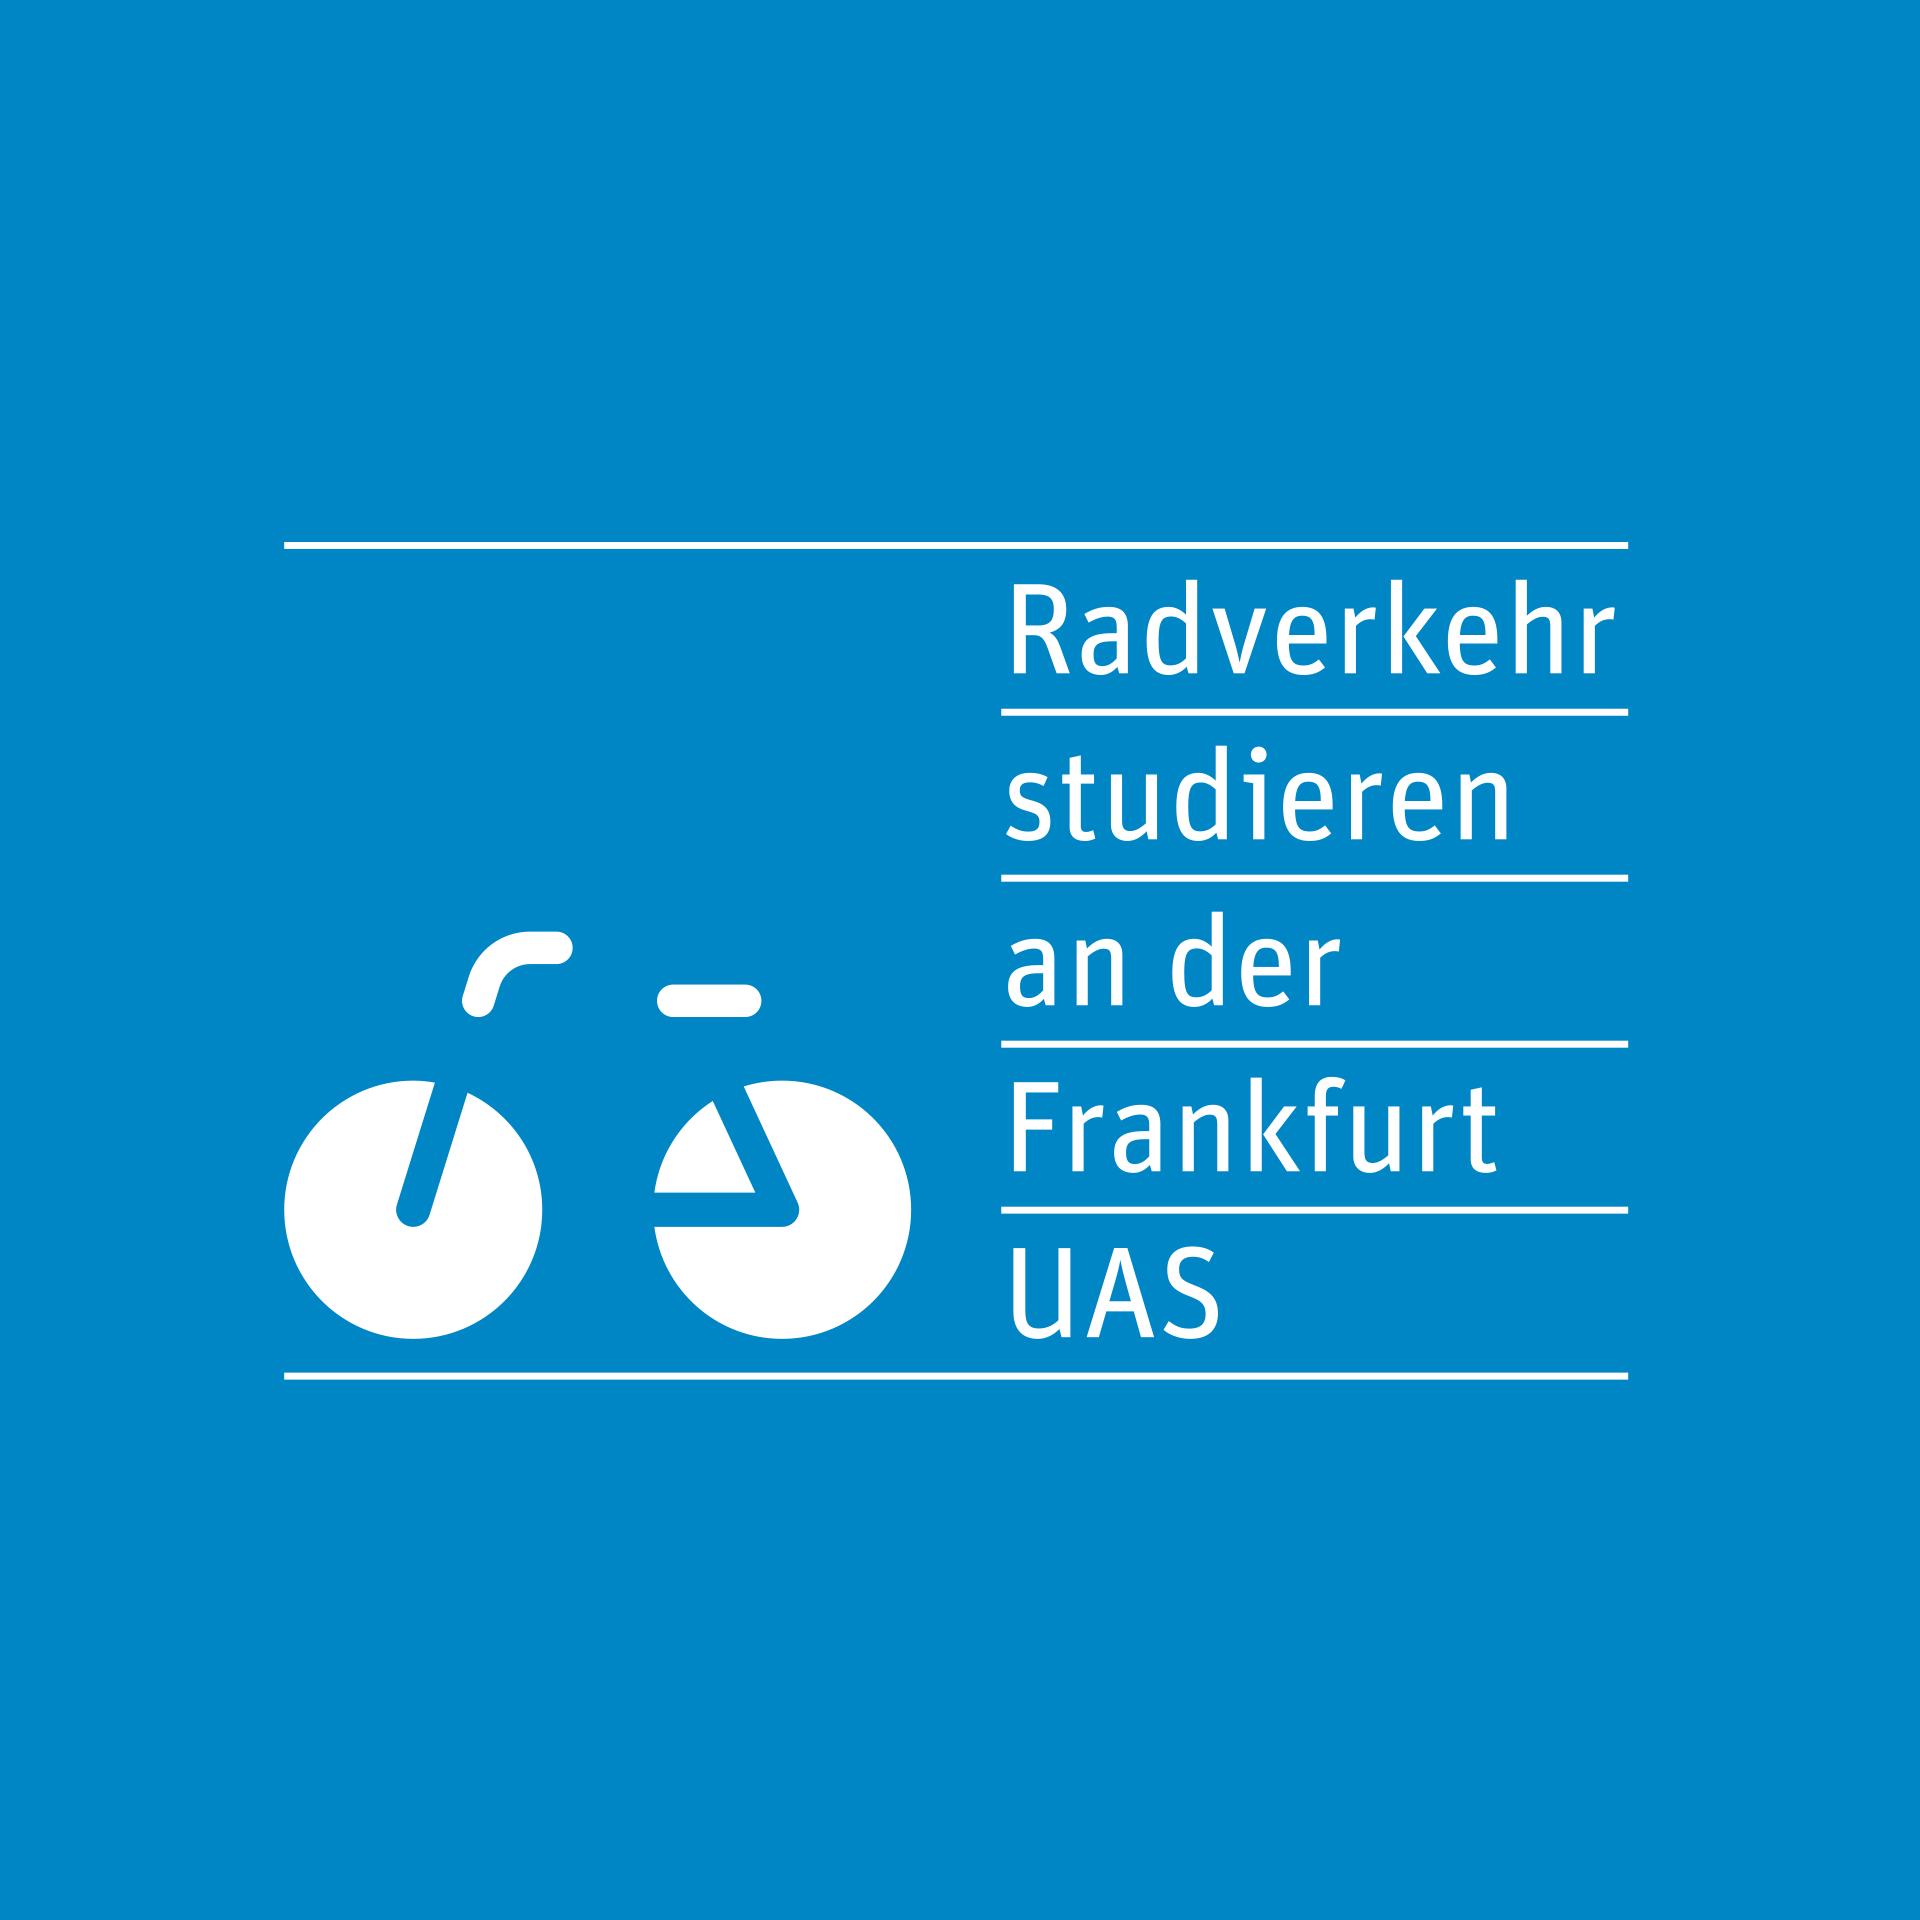 Radverkehr-Frankfurt-UAS-Buero-Ink-01-5